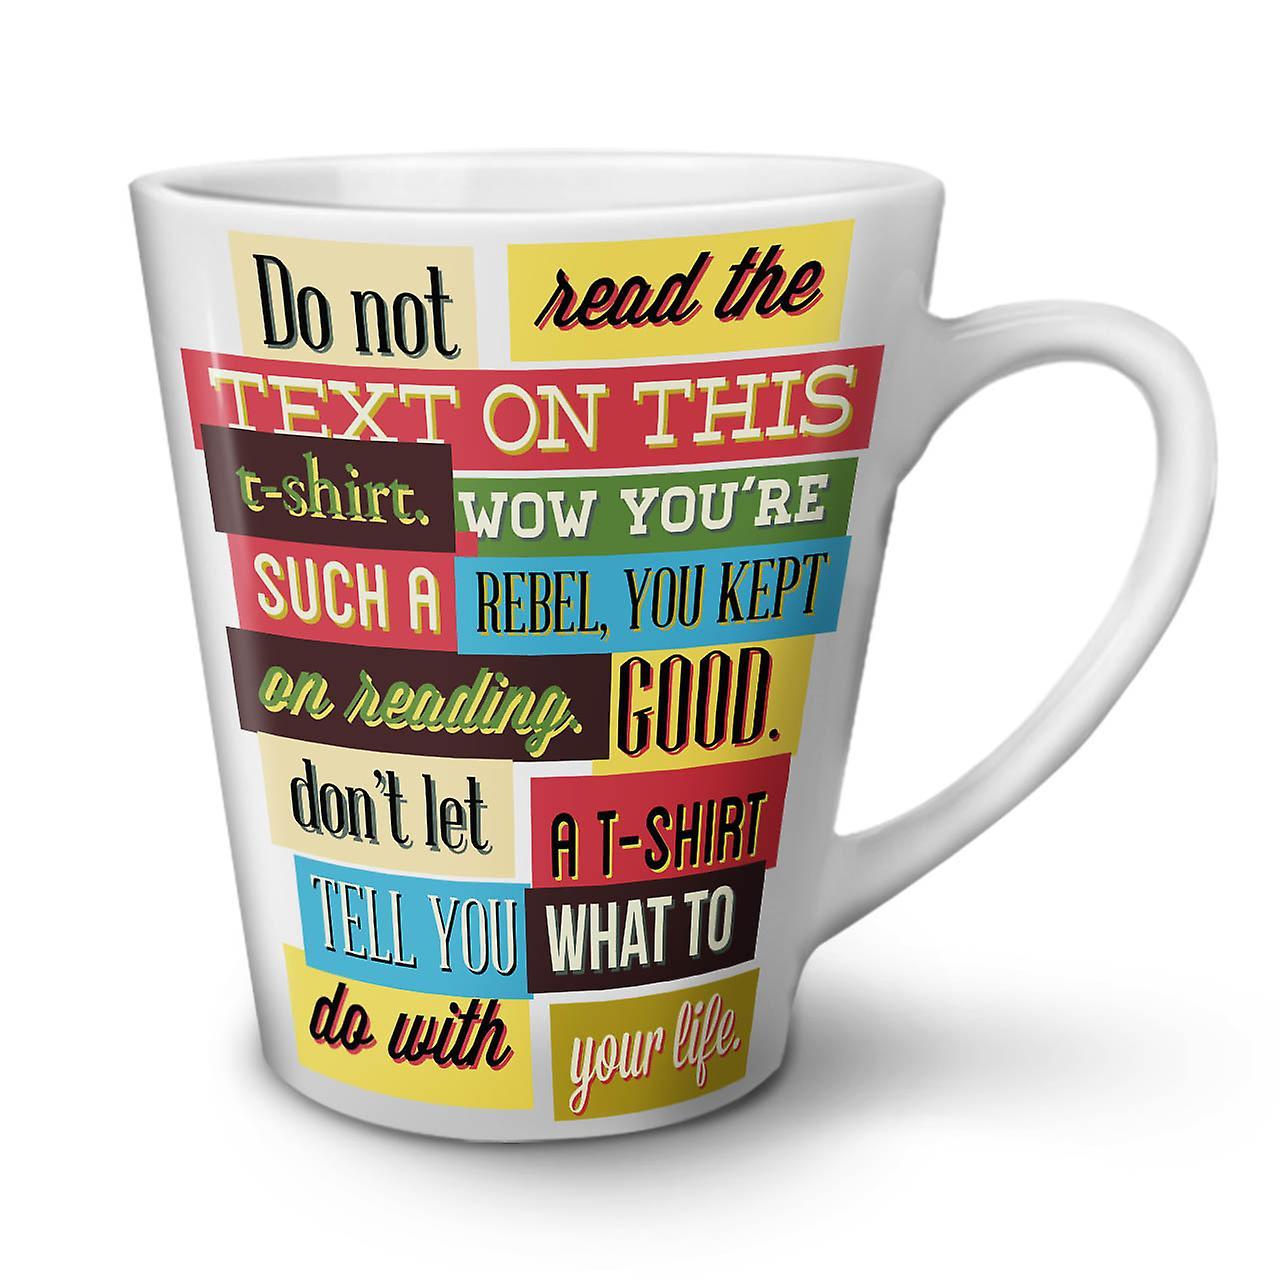 Le 12 Latte Gobelet En De Café Ne Nouveau Thé Texte Céramique Pas Lire Drôle Blanc OzWellcoda dshQtrC